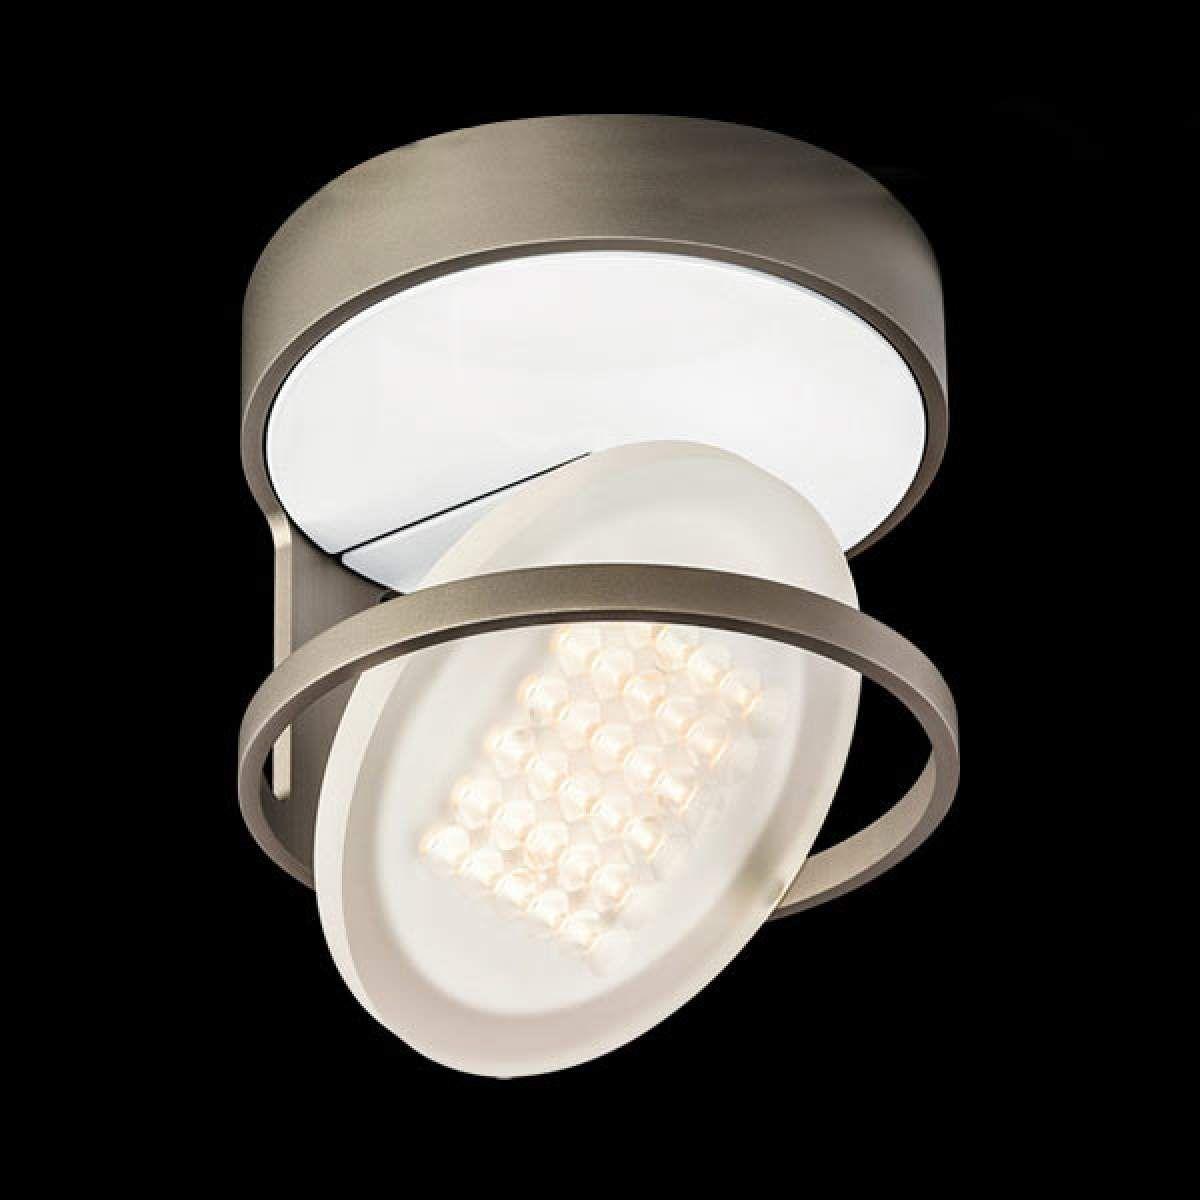 küchen deckenlampe led deckenbeleuchtung wohnzimmer